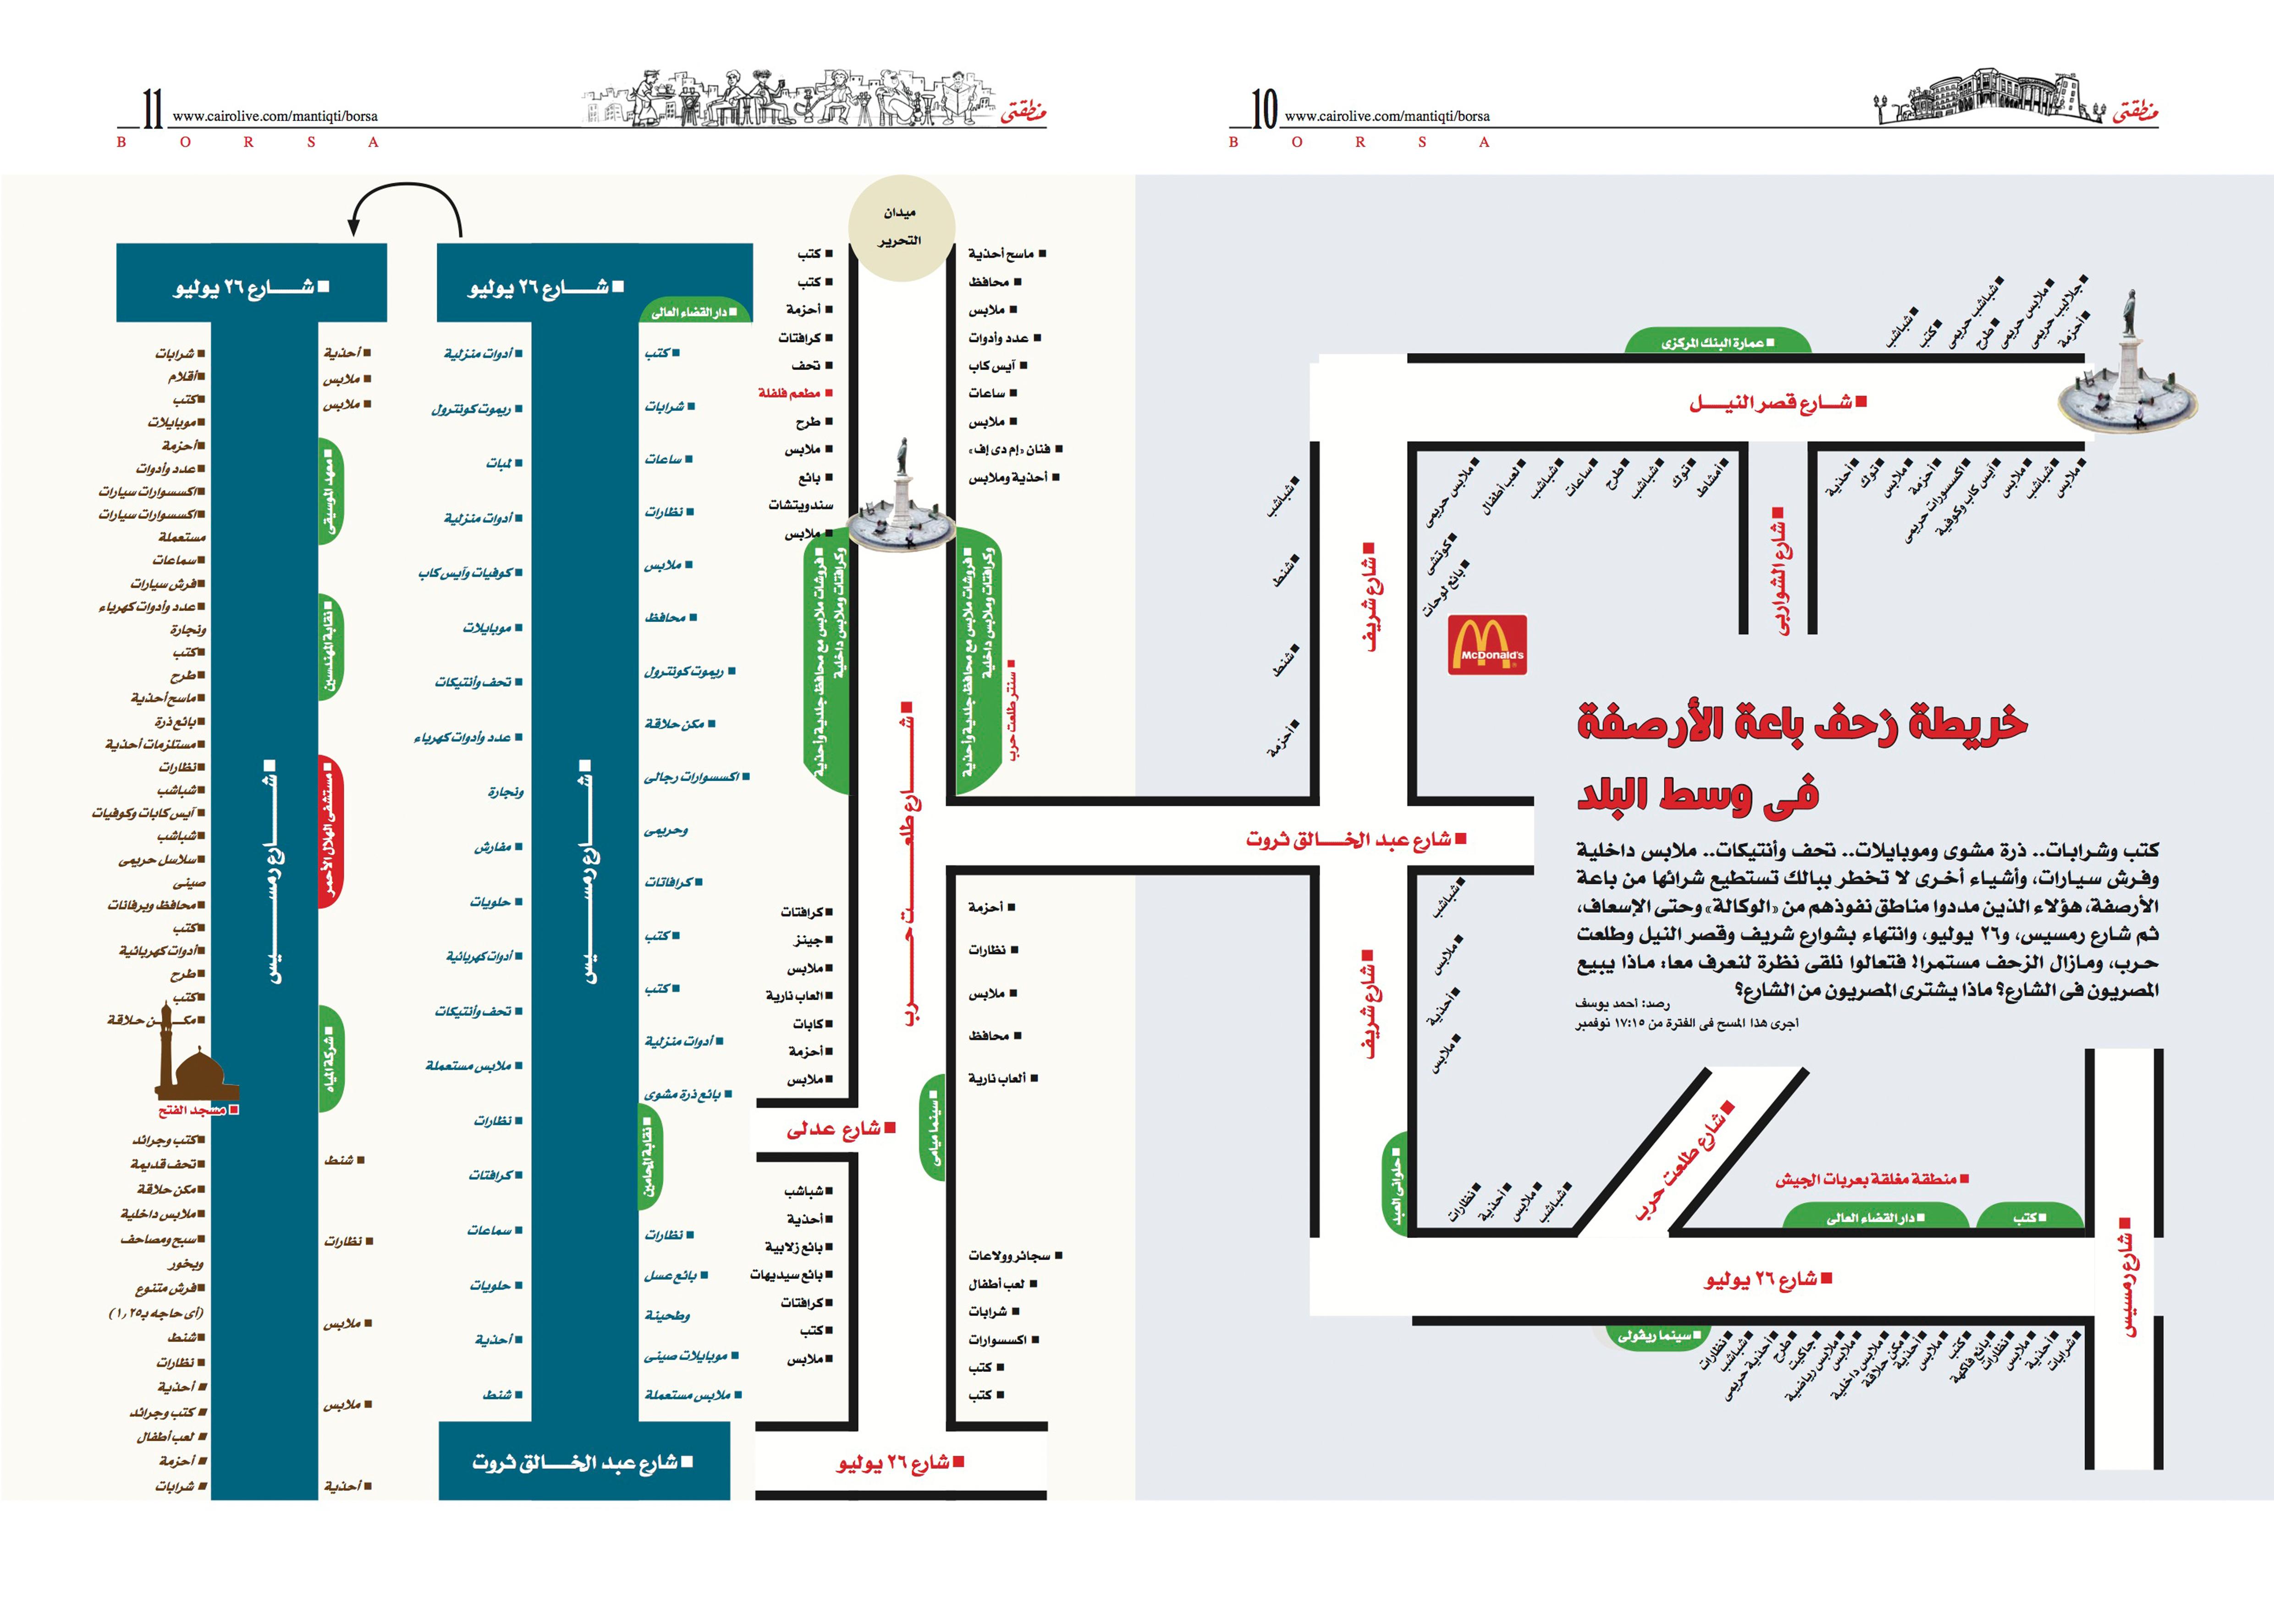 إحدى الخرائط التوضيحية للمكاتب الحكومية بوسط البلد